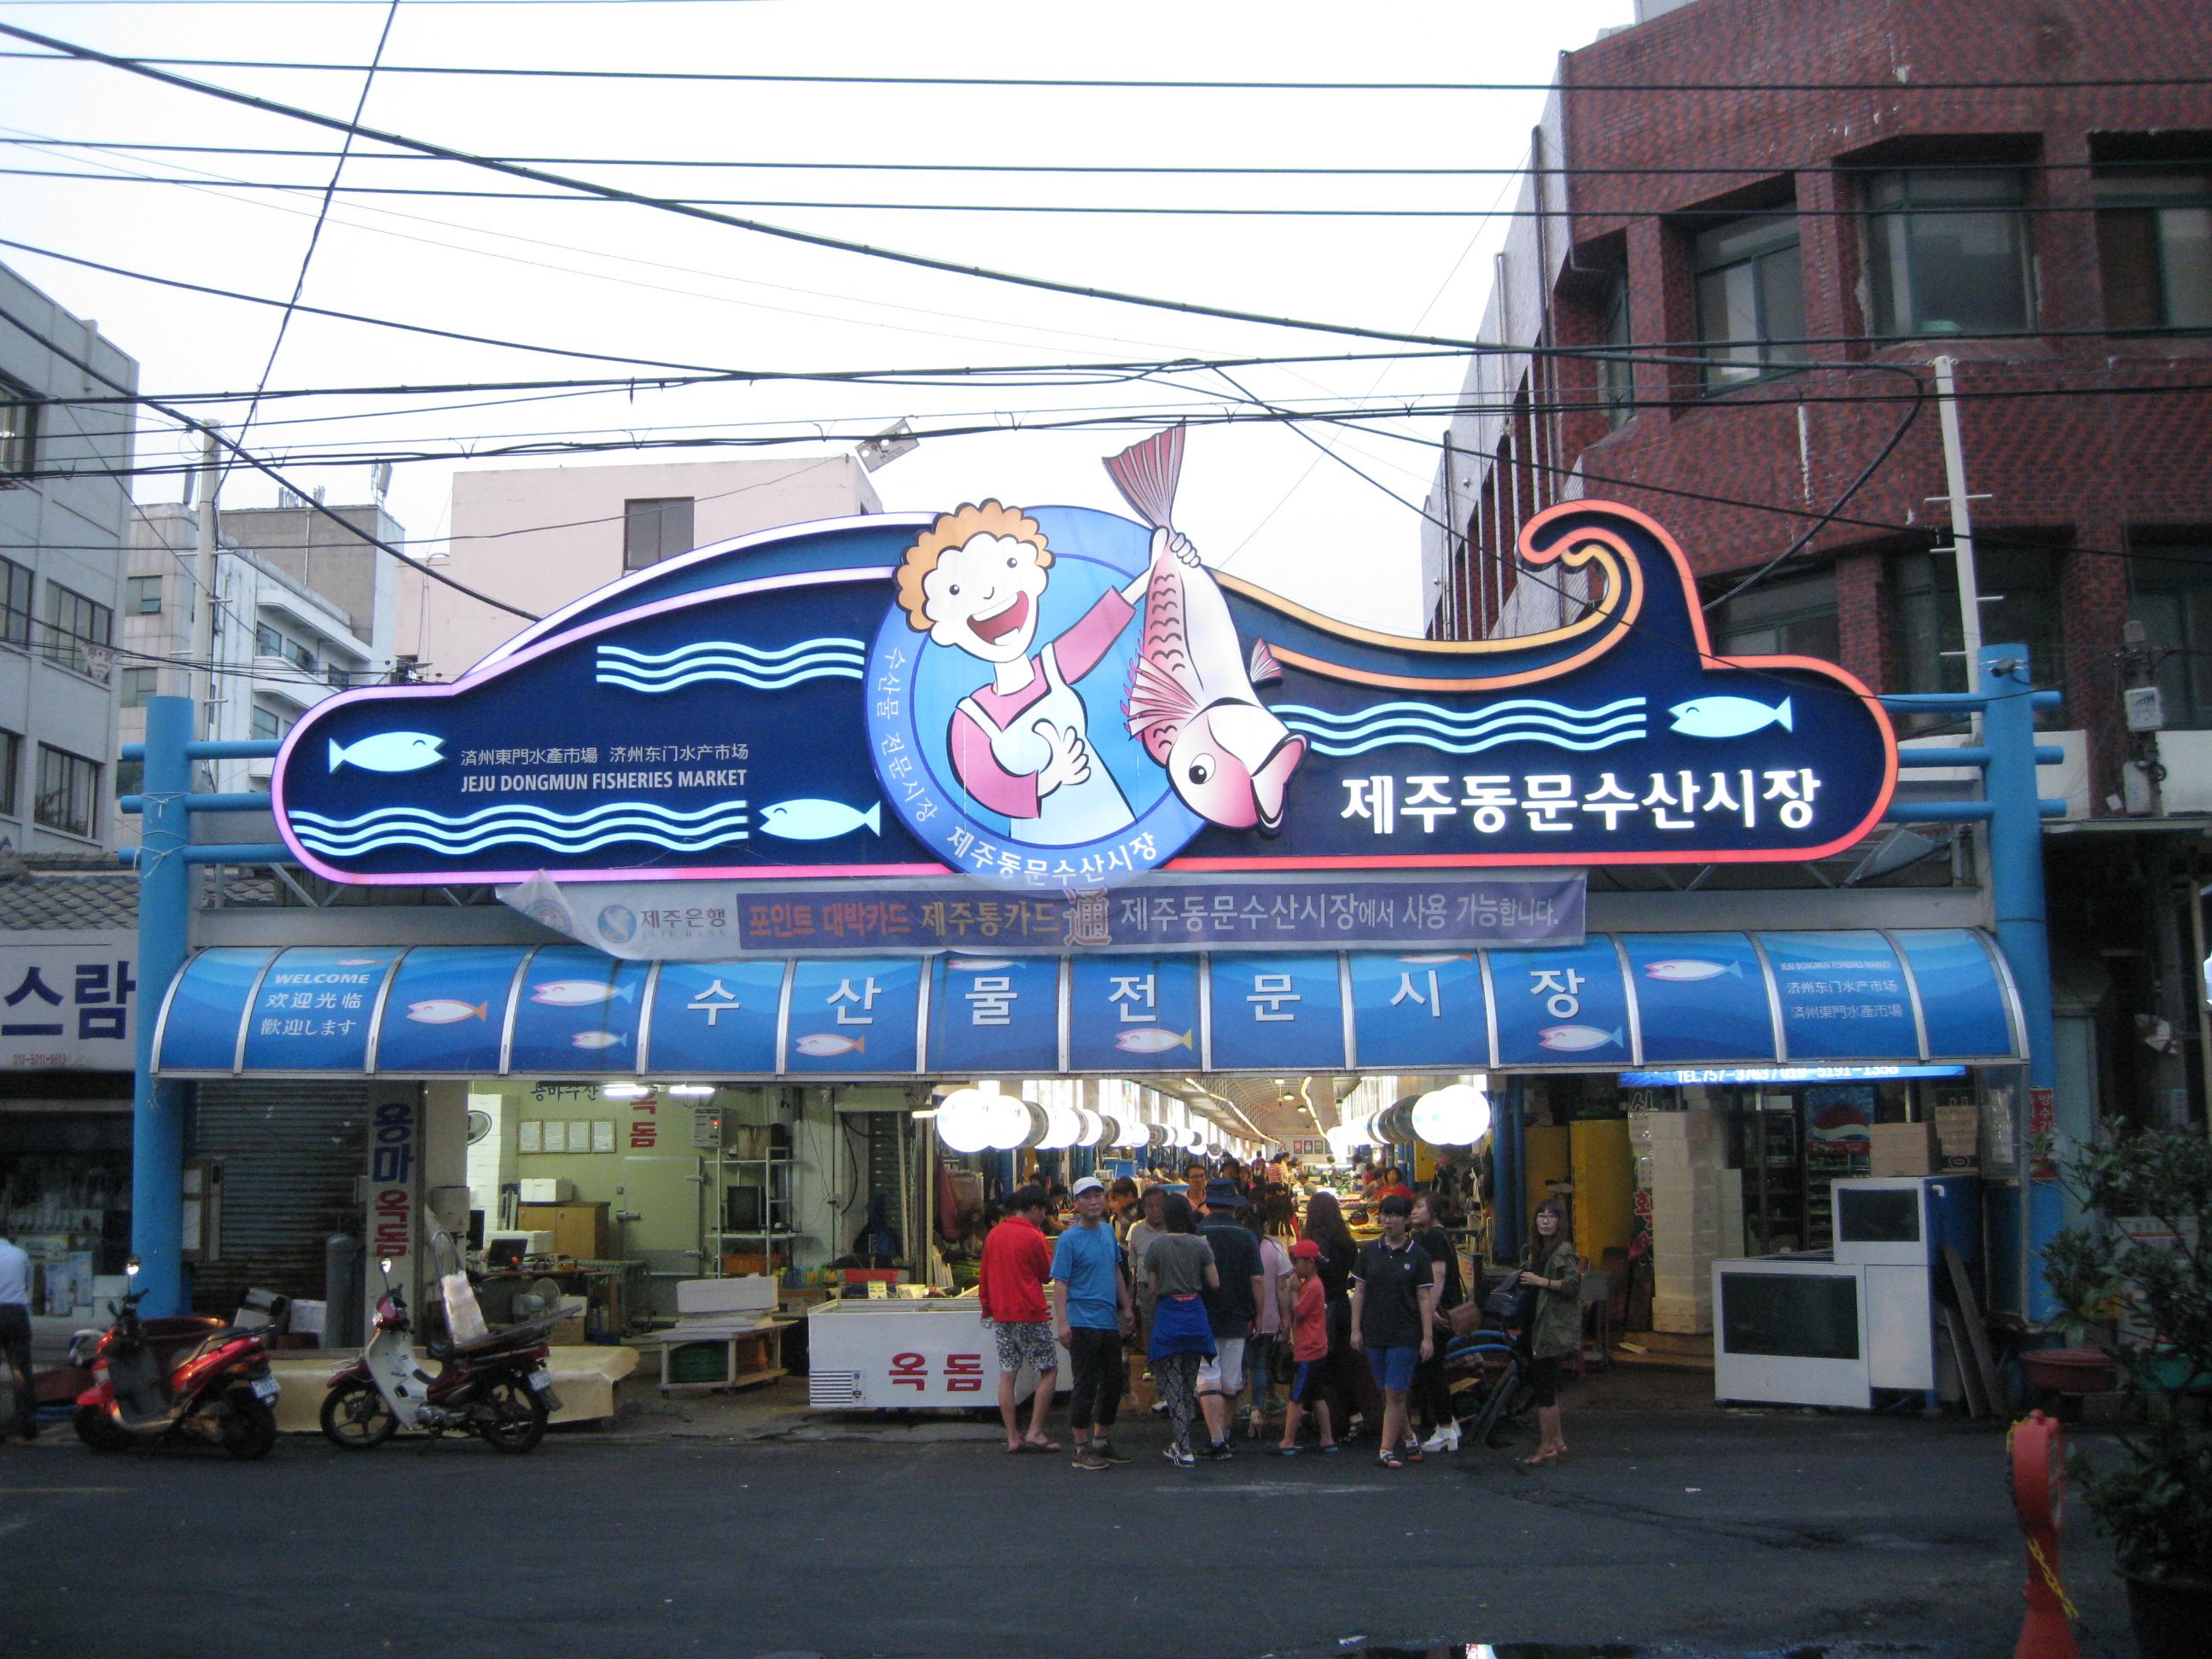 50 Dongmun market